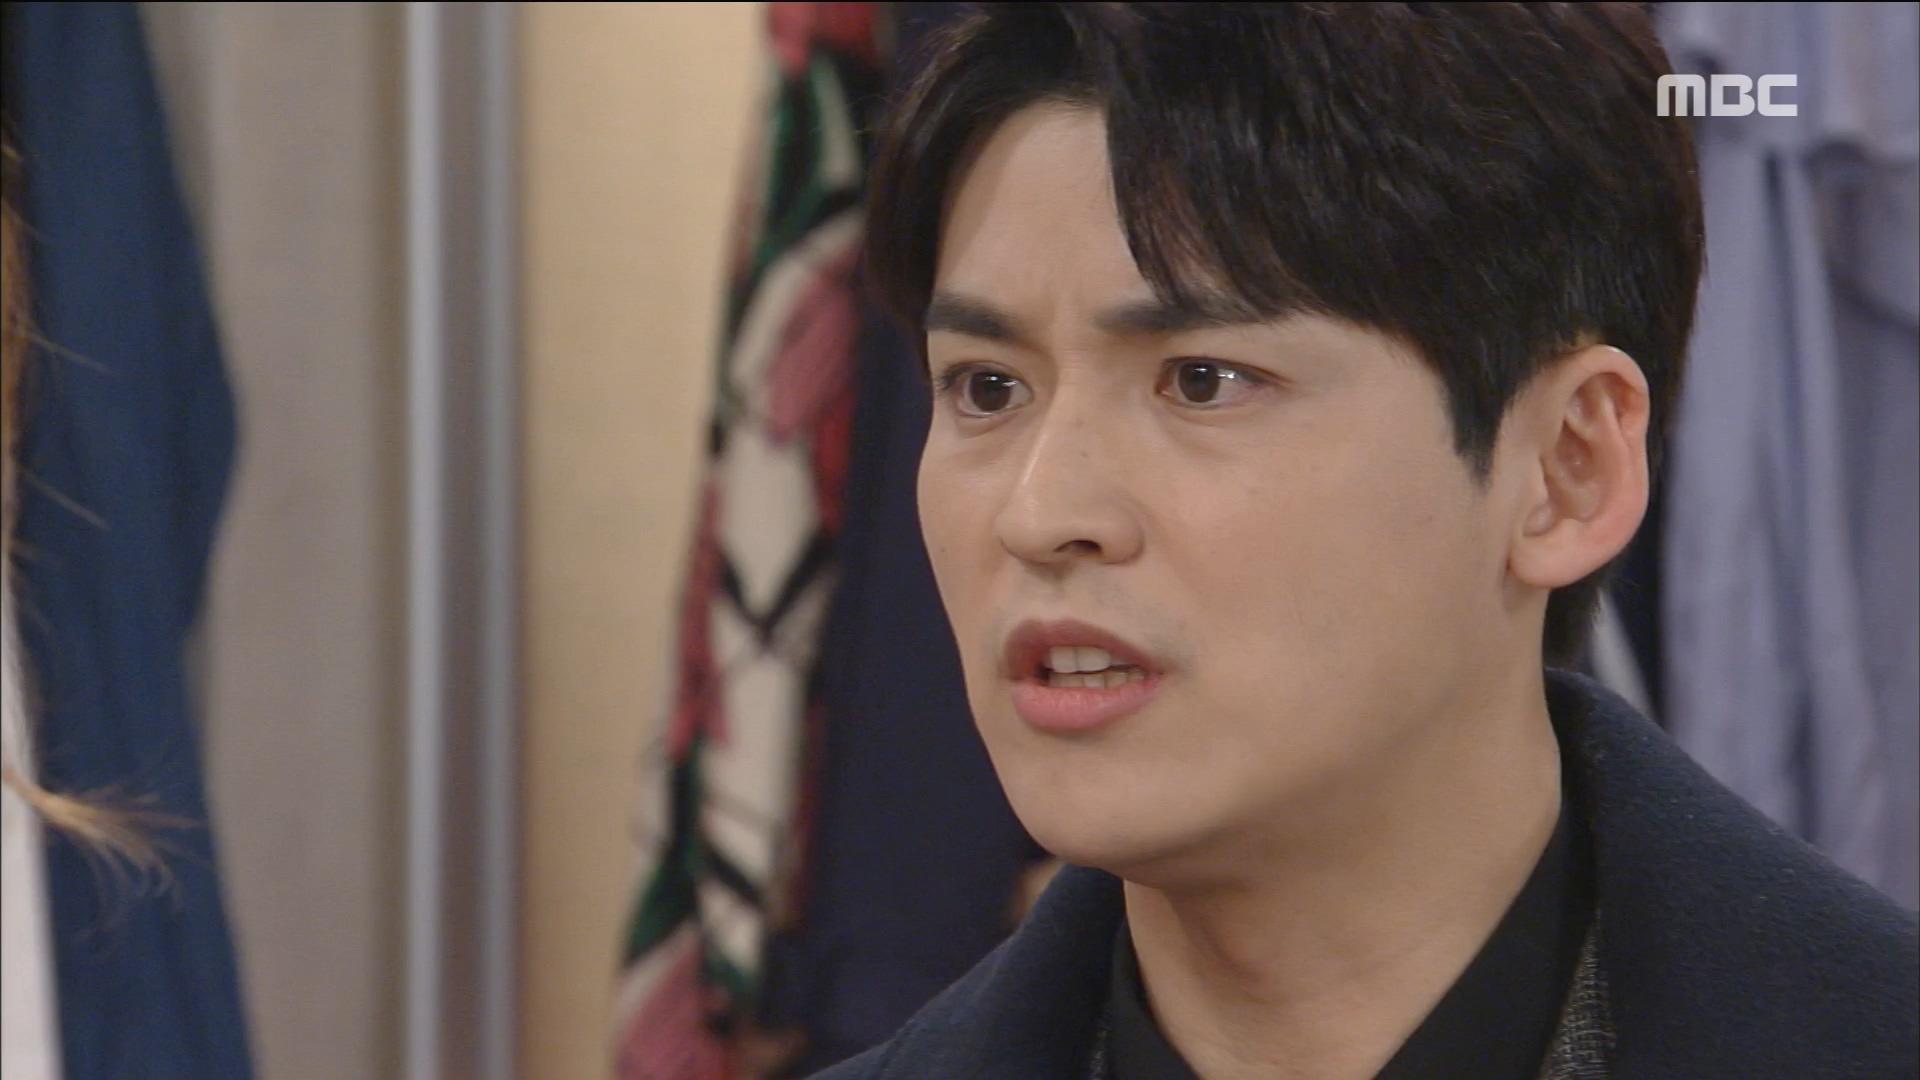 박진우, 이규정 동생에게 '6천 9백만원' 협박 당해!